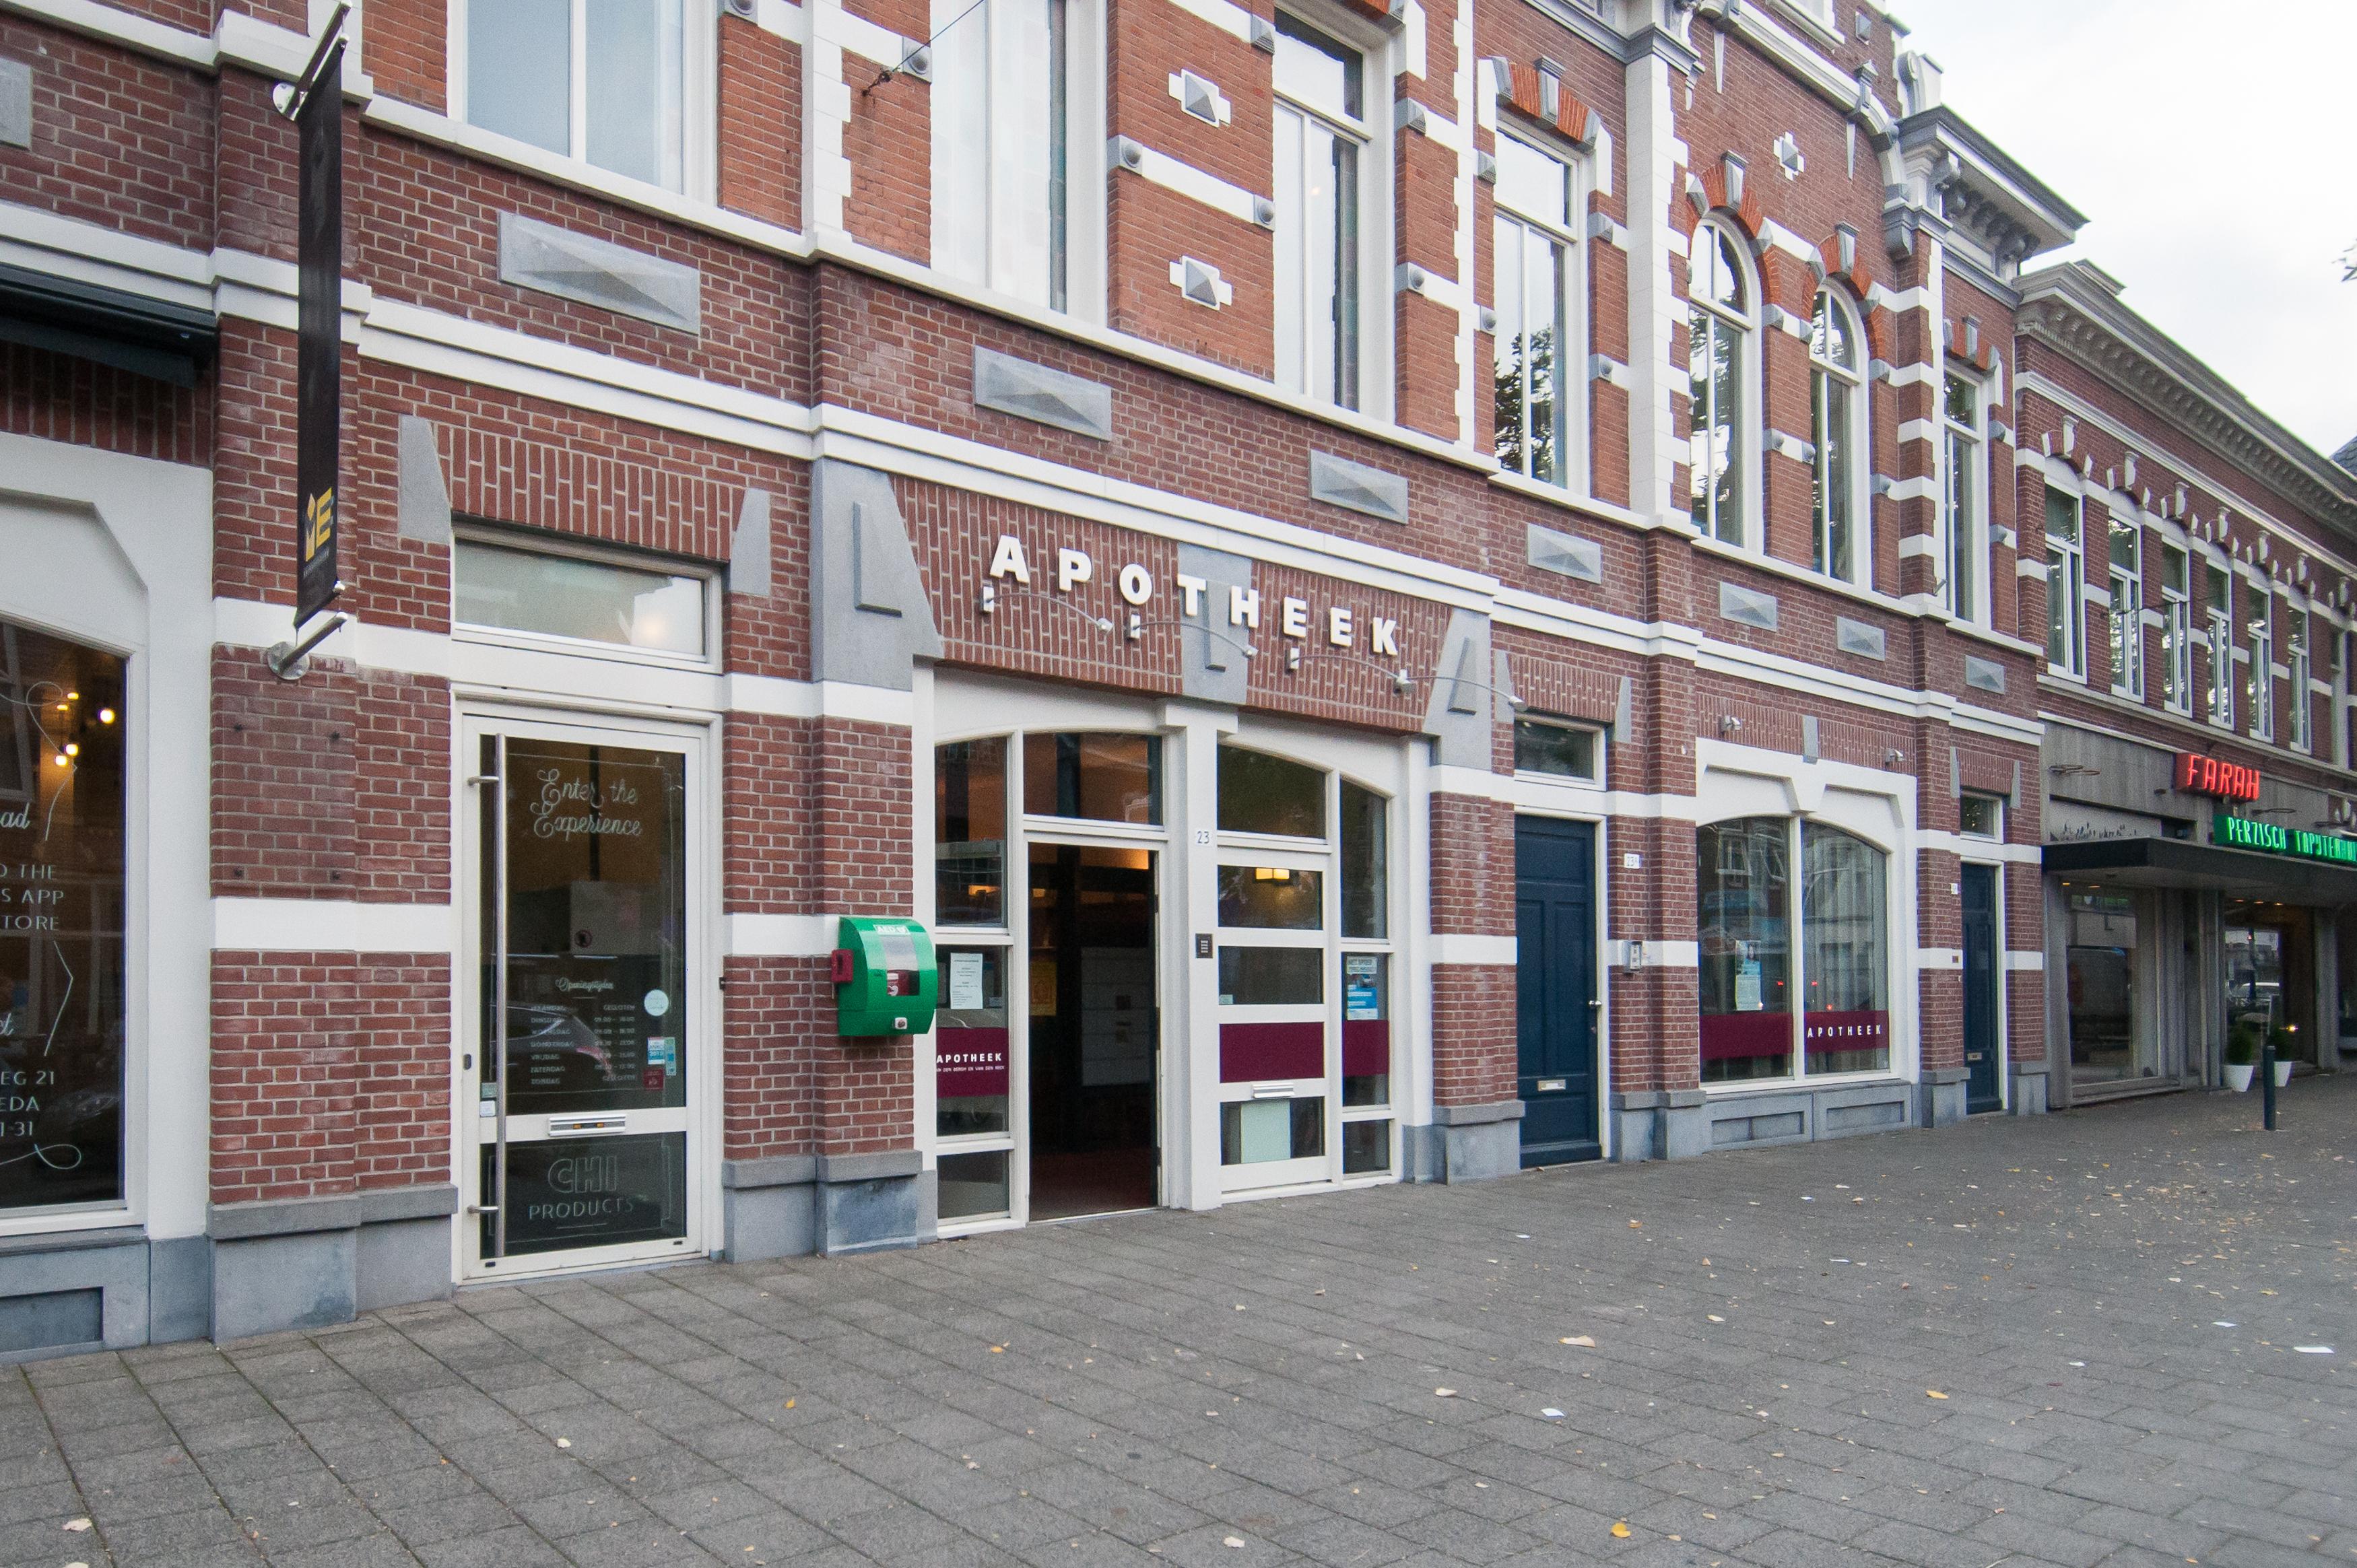 Apotheek van den Bergh - Breda